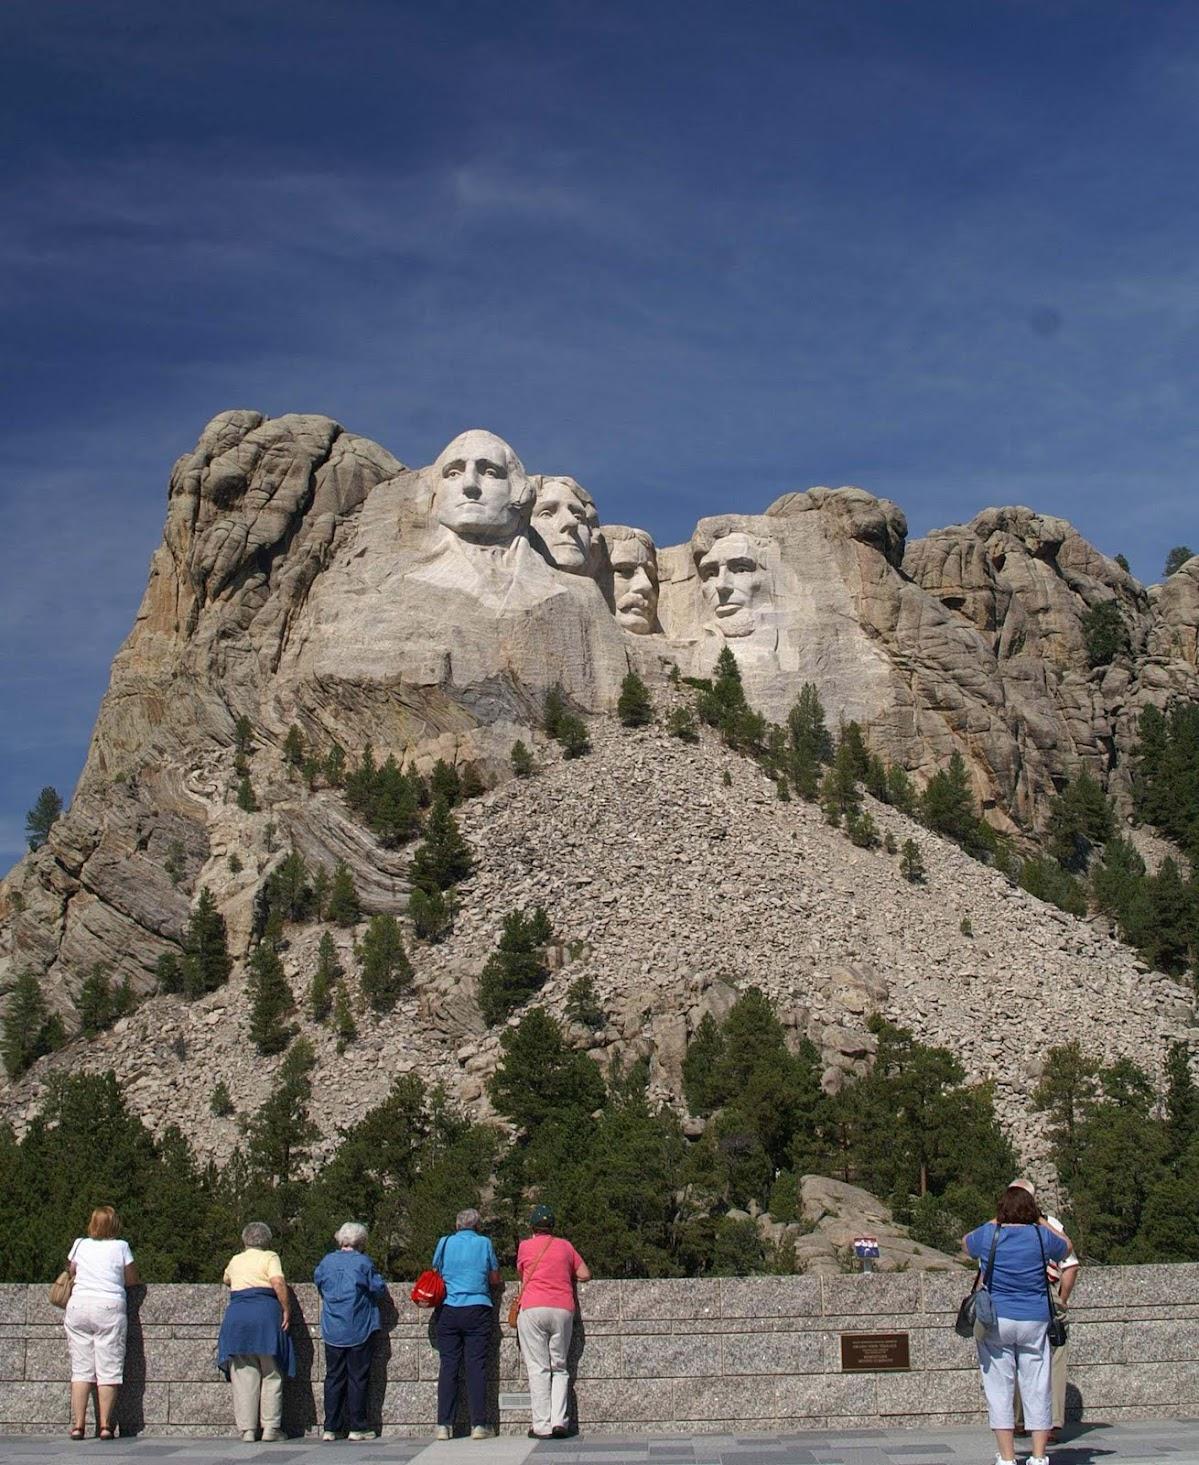 http://3.bp.blogspot.com/_WBXzvQavLYs/SrU-jK8vMEI/AAAAAAAAEIw/nu-_trWnqm8/s1465/Mt.+Rushmore.20.jpg